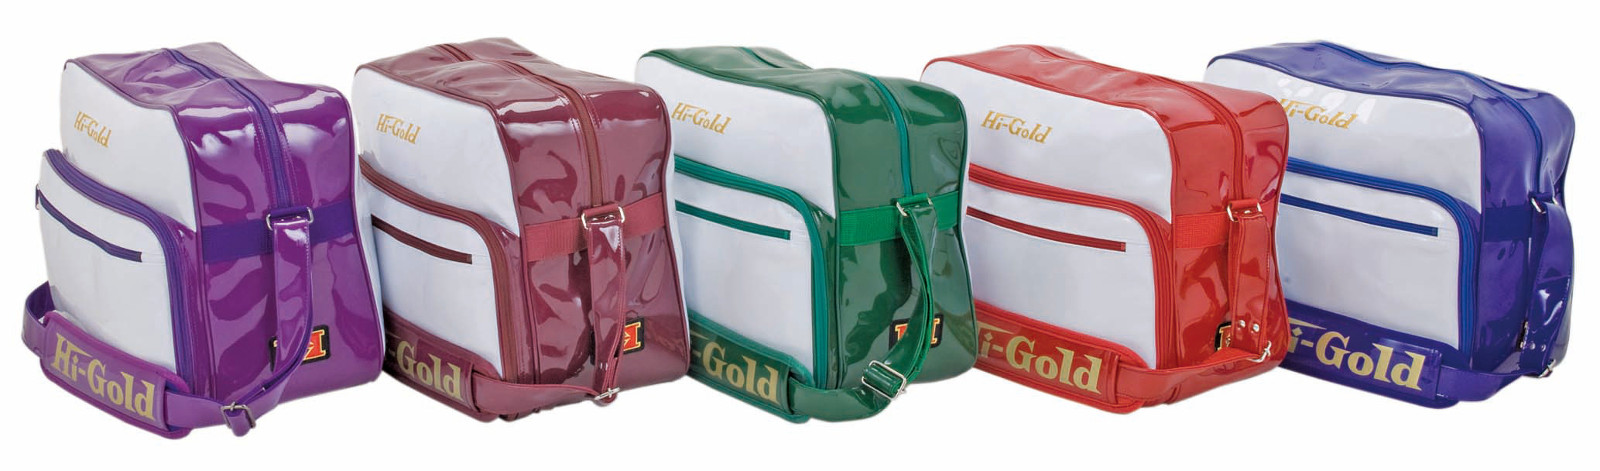 HI-GOLD(ハイゴールド) エナメルショルダーバッグ HB-9000